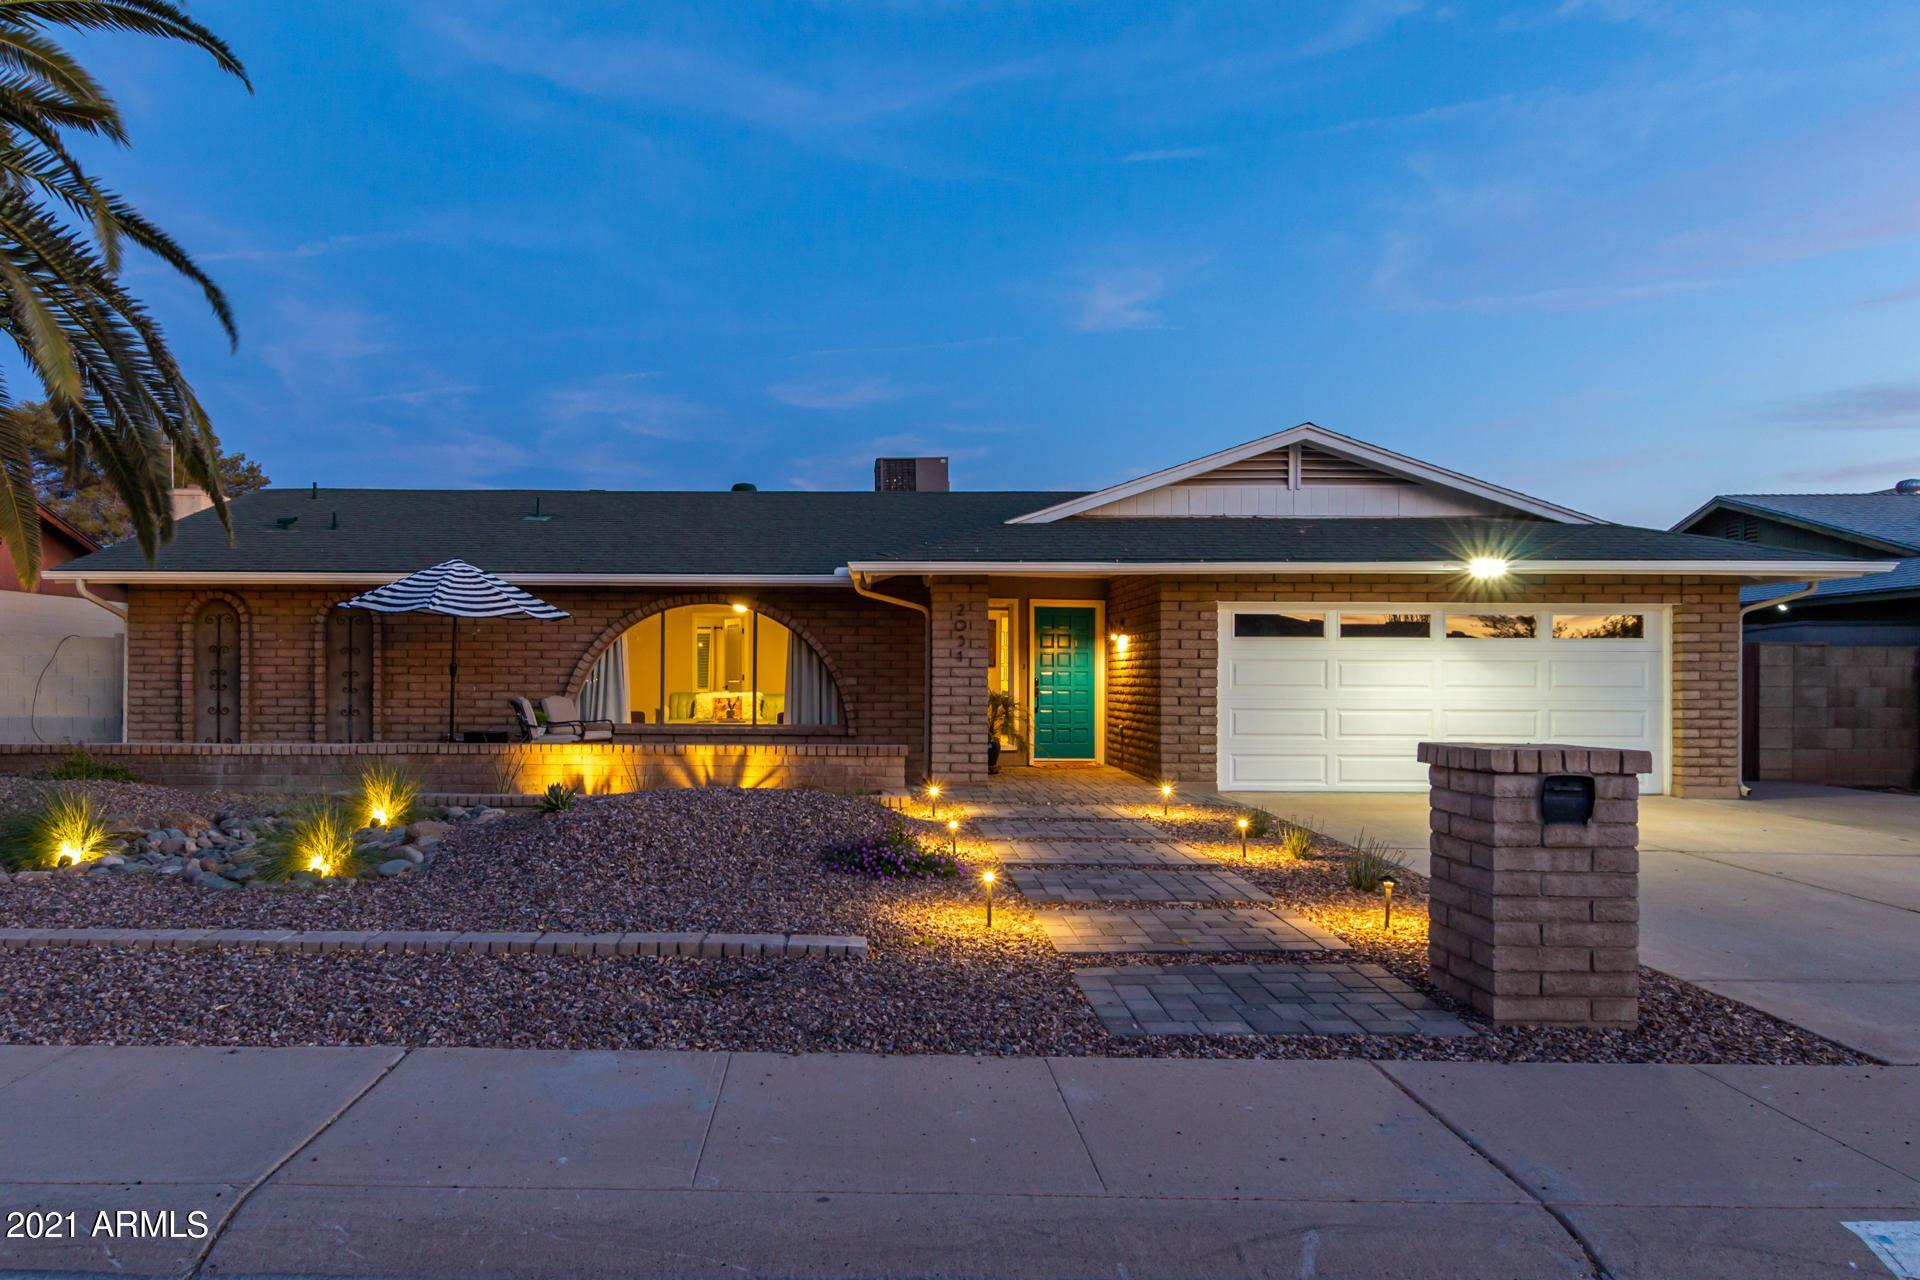 2031 E GEMINI Drive, Tempe, AZ 85283 - MLS#: 6248701